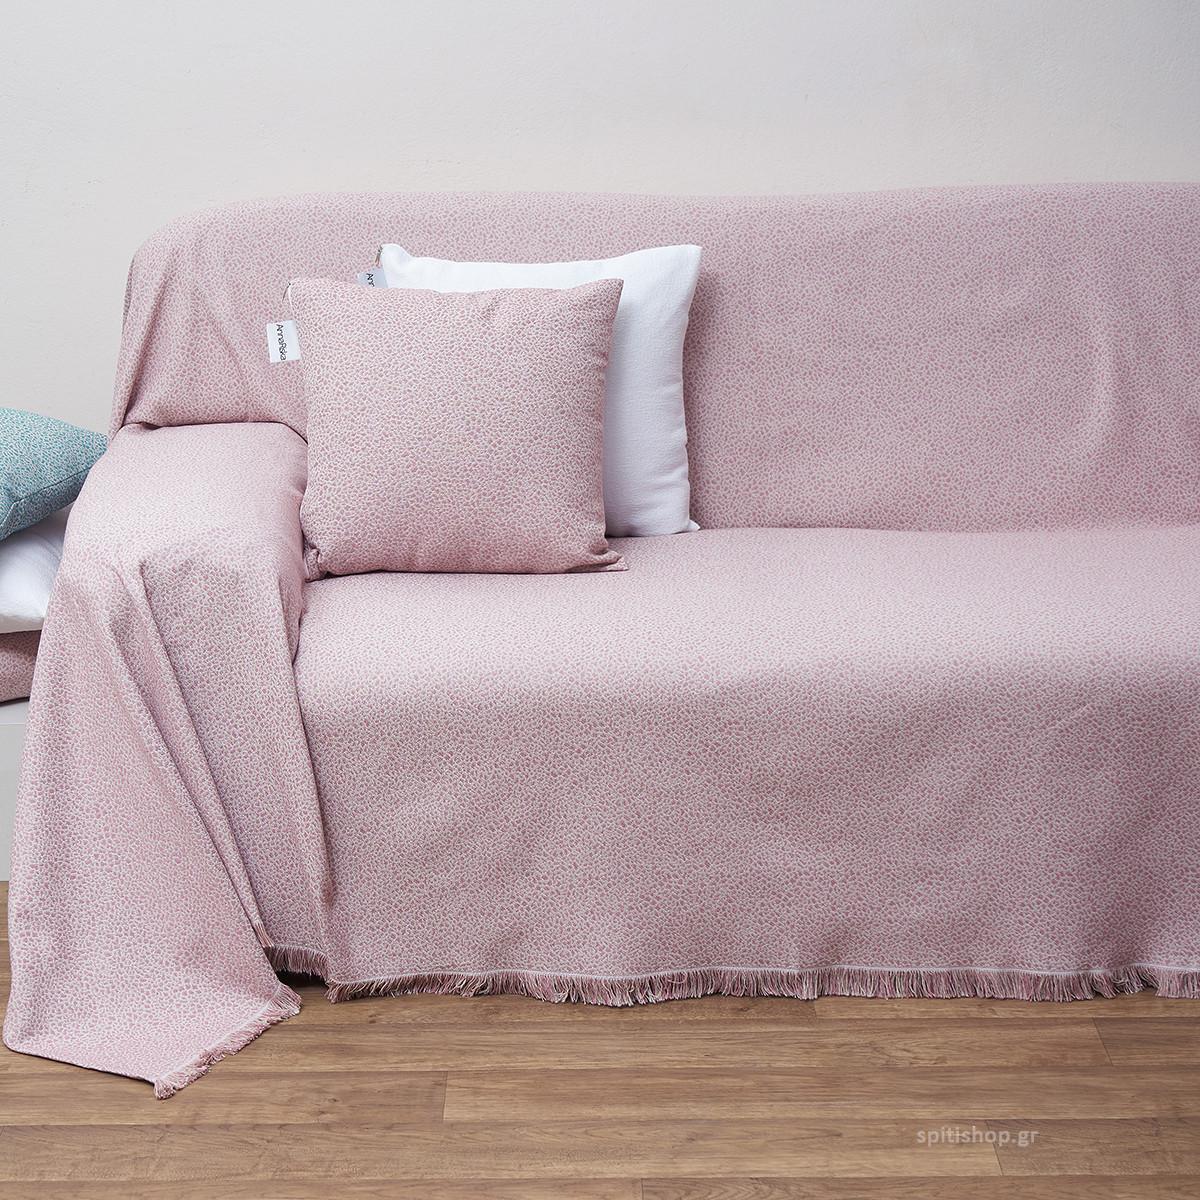 Ριχτάρι Πολυθρόνας (180×150) Anna Riska Des 1554 Blush Pink